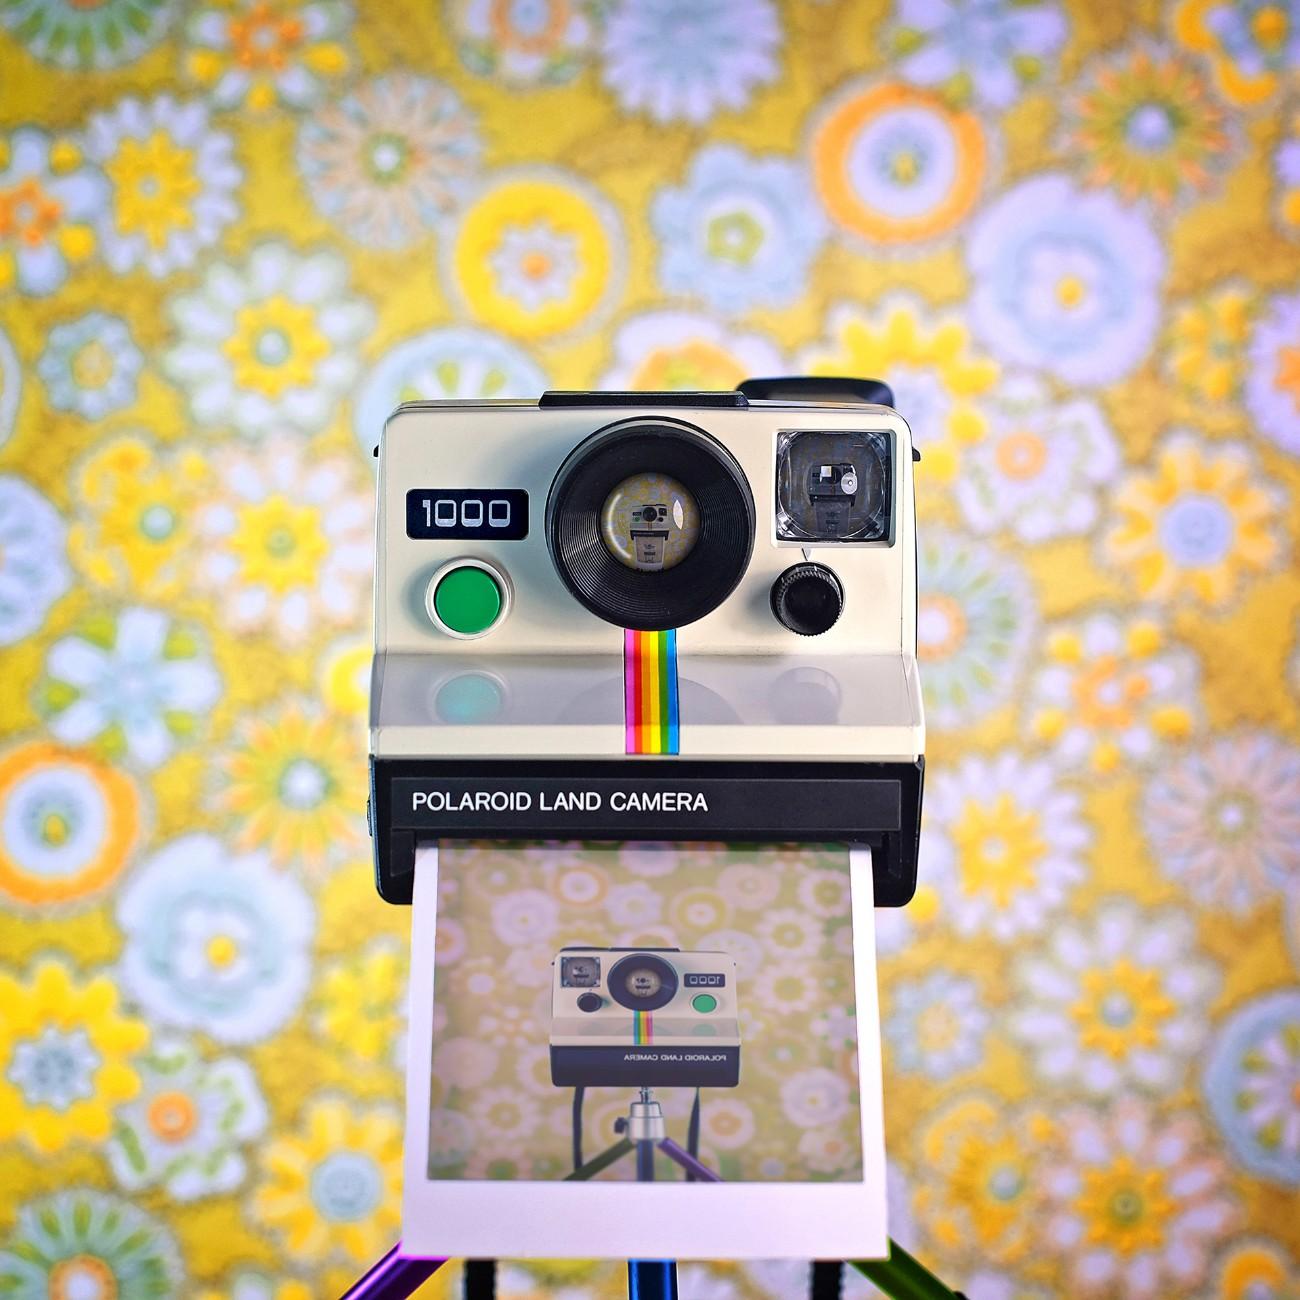 CameraSelfie #7 © J. F. Novotny